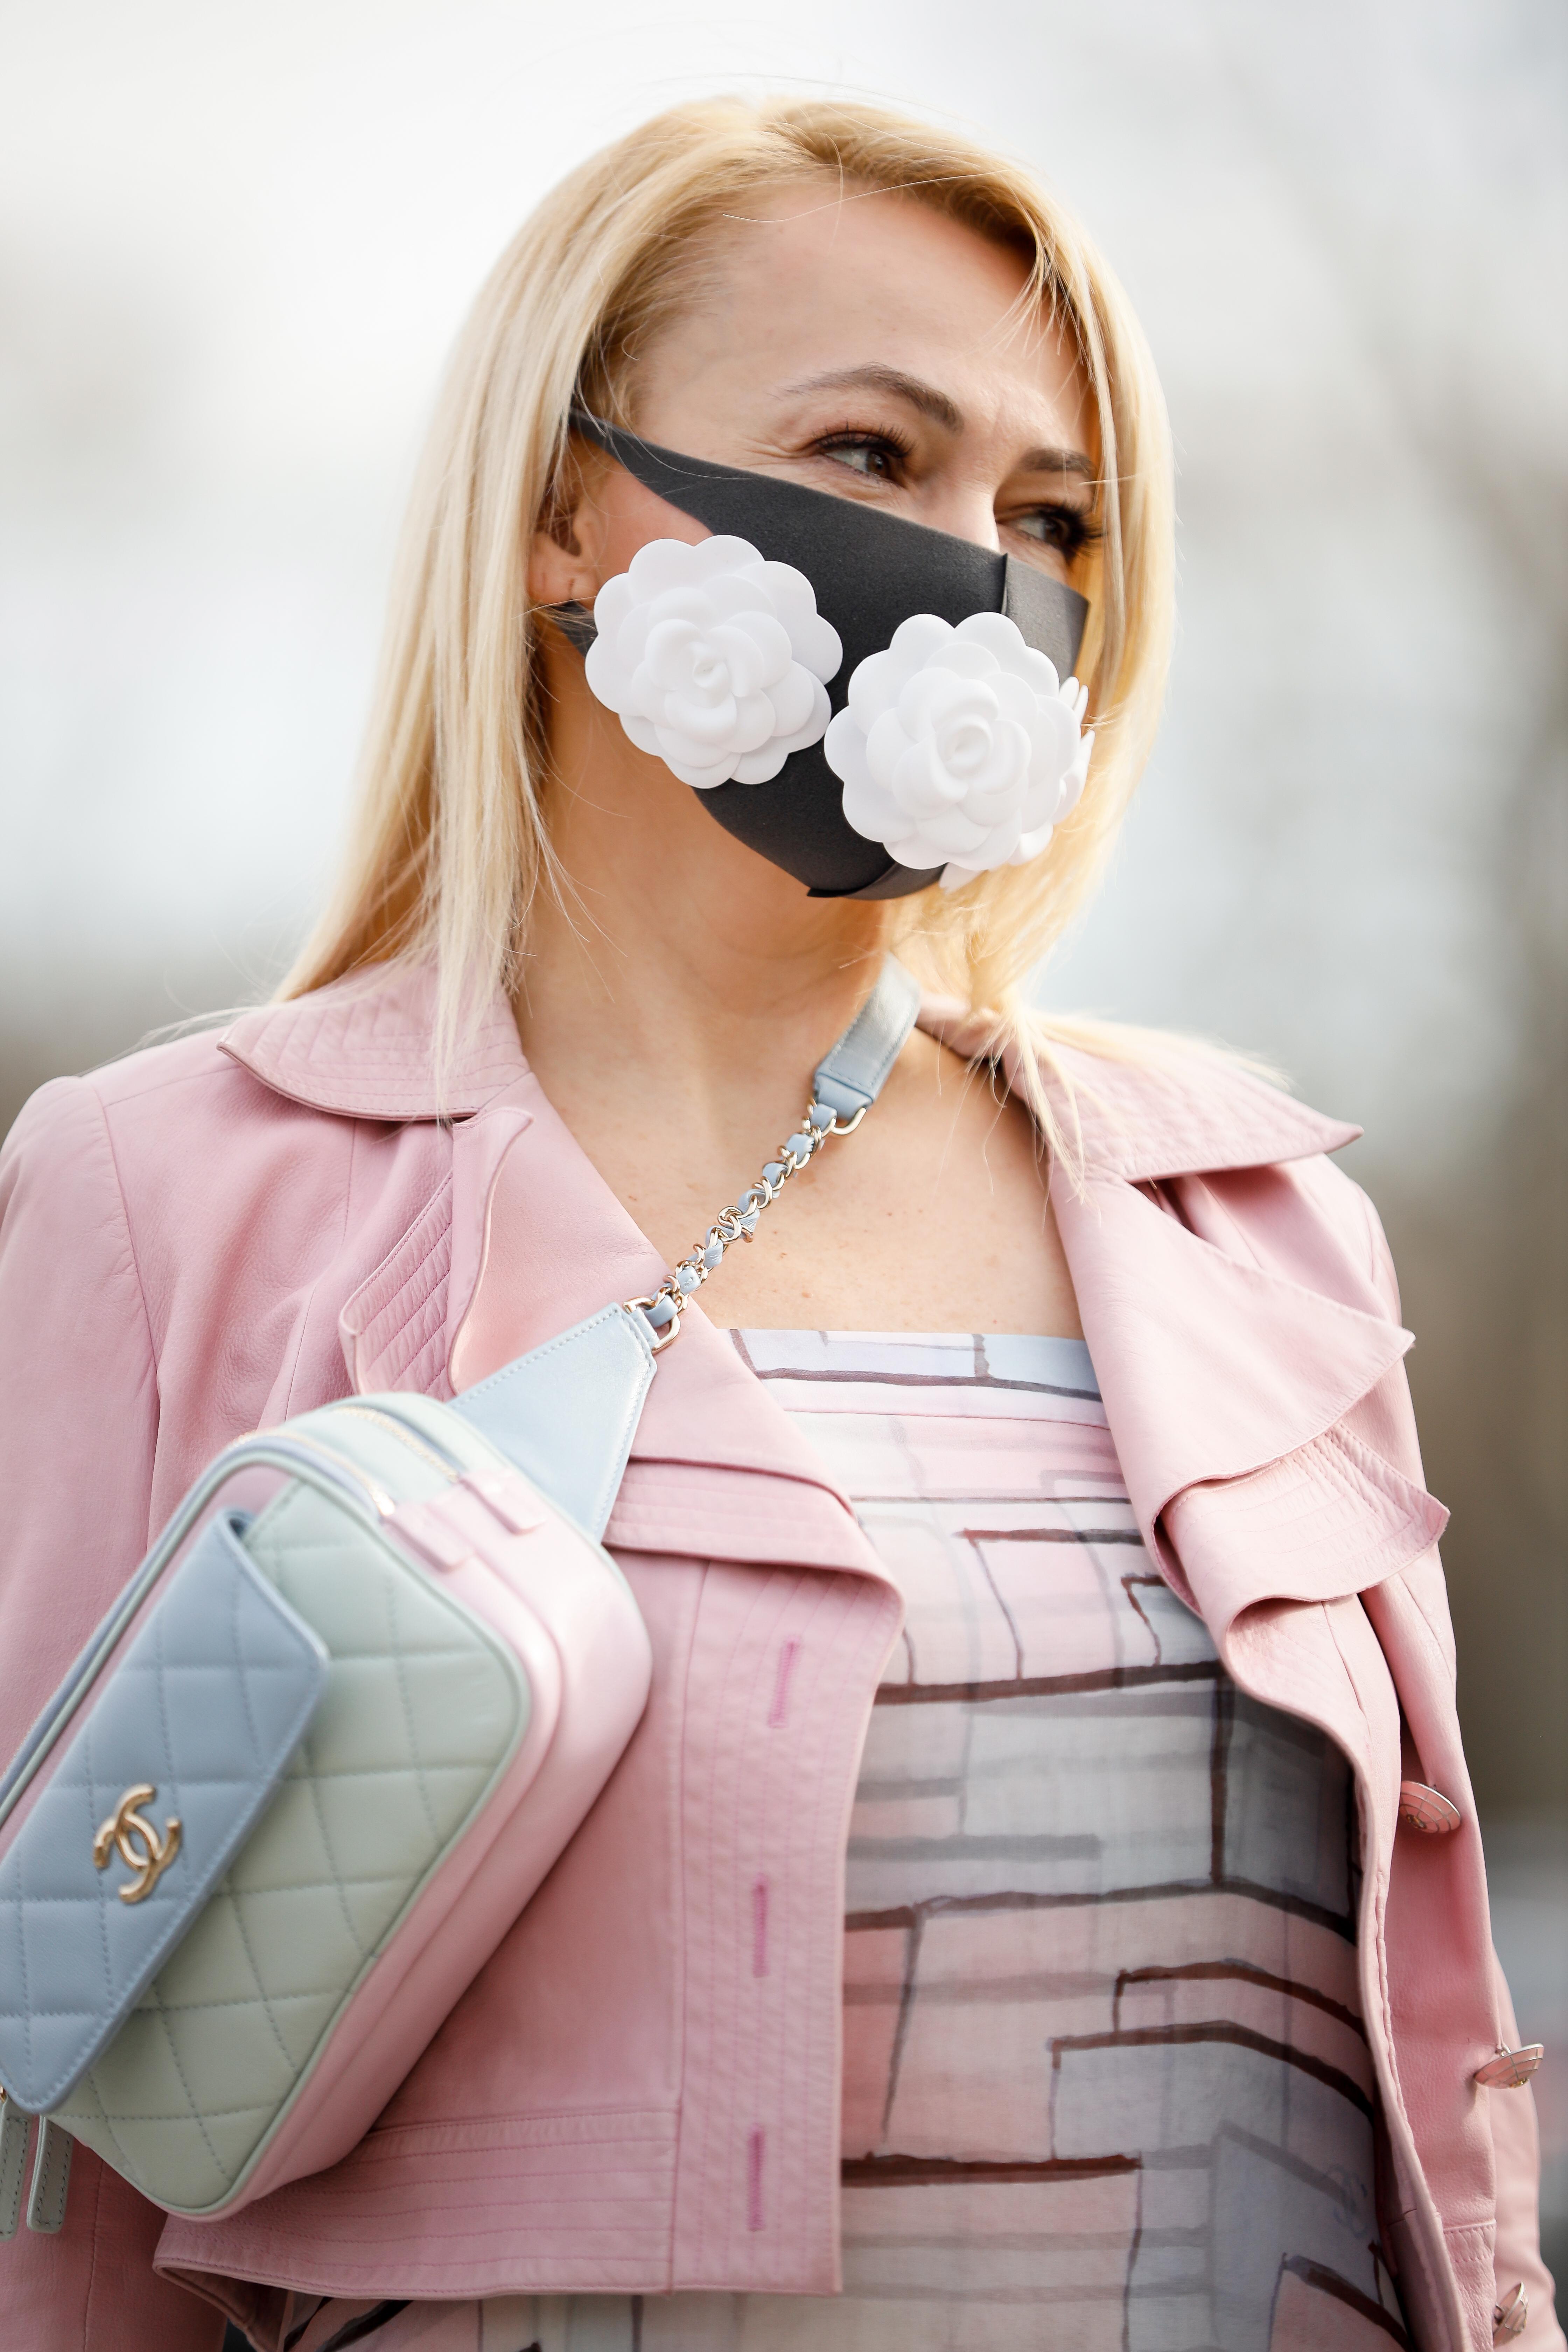 Φοράς μάσκα; Η Hilary Duff σου δείχνει το τέλειο μακιγιάζ γι'αυτό!